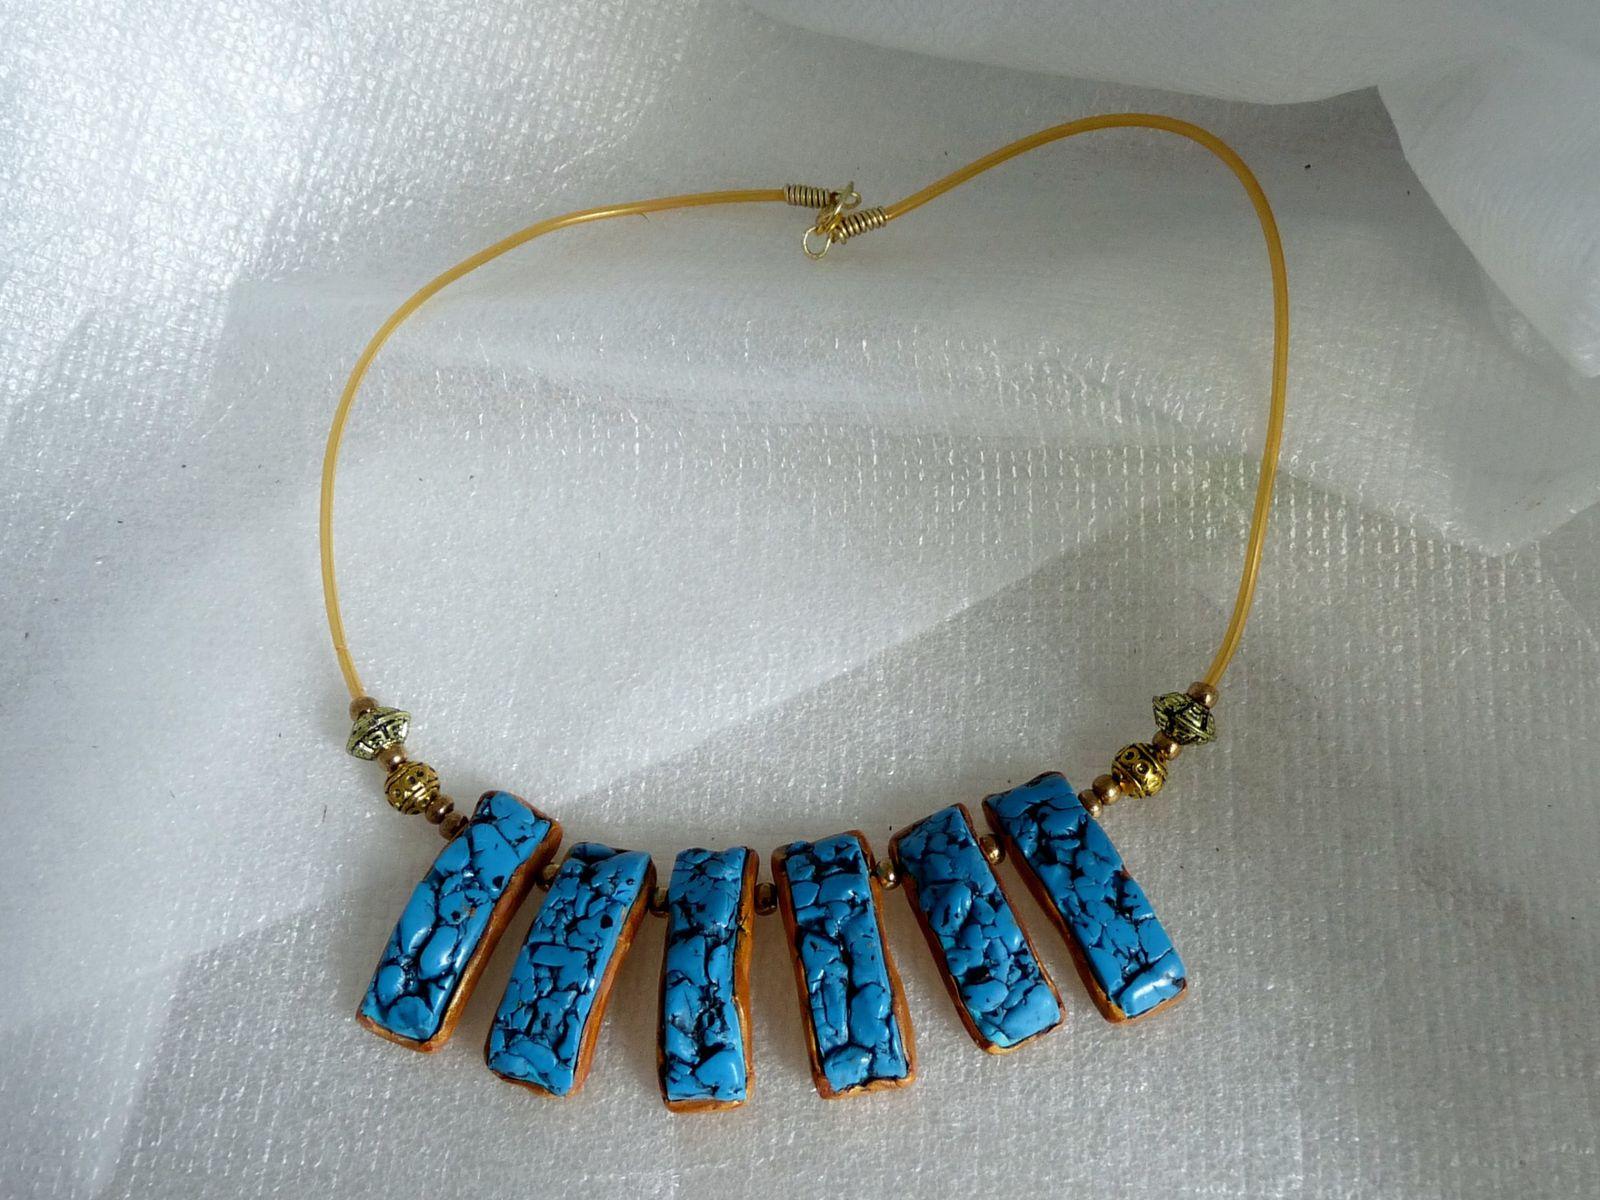 Un collier bâtonnets légèrement incurvés assortis de perles métal vieil or